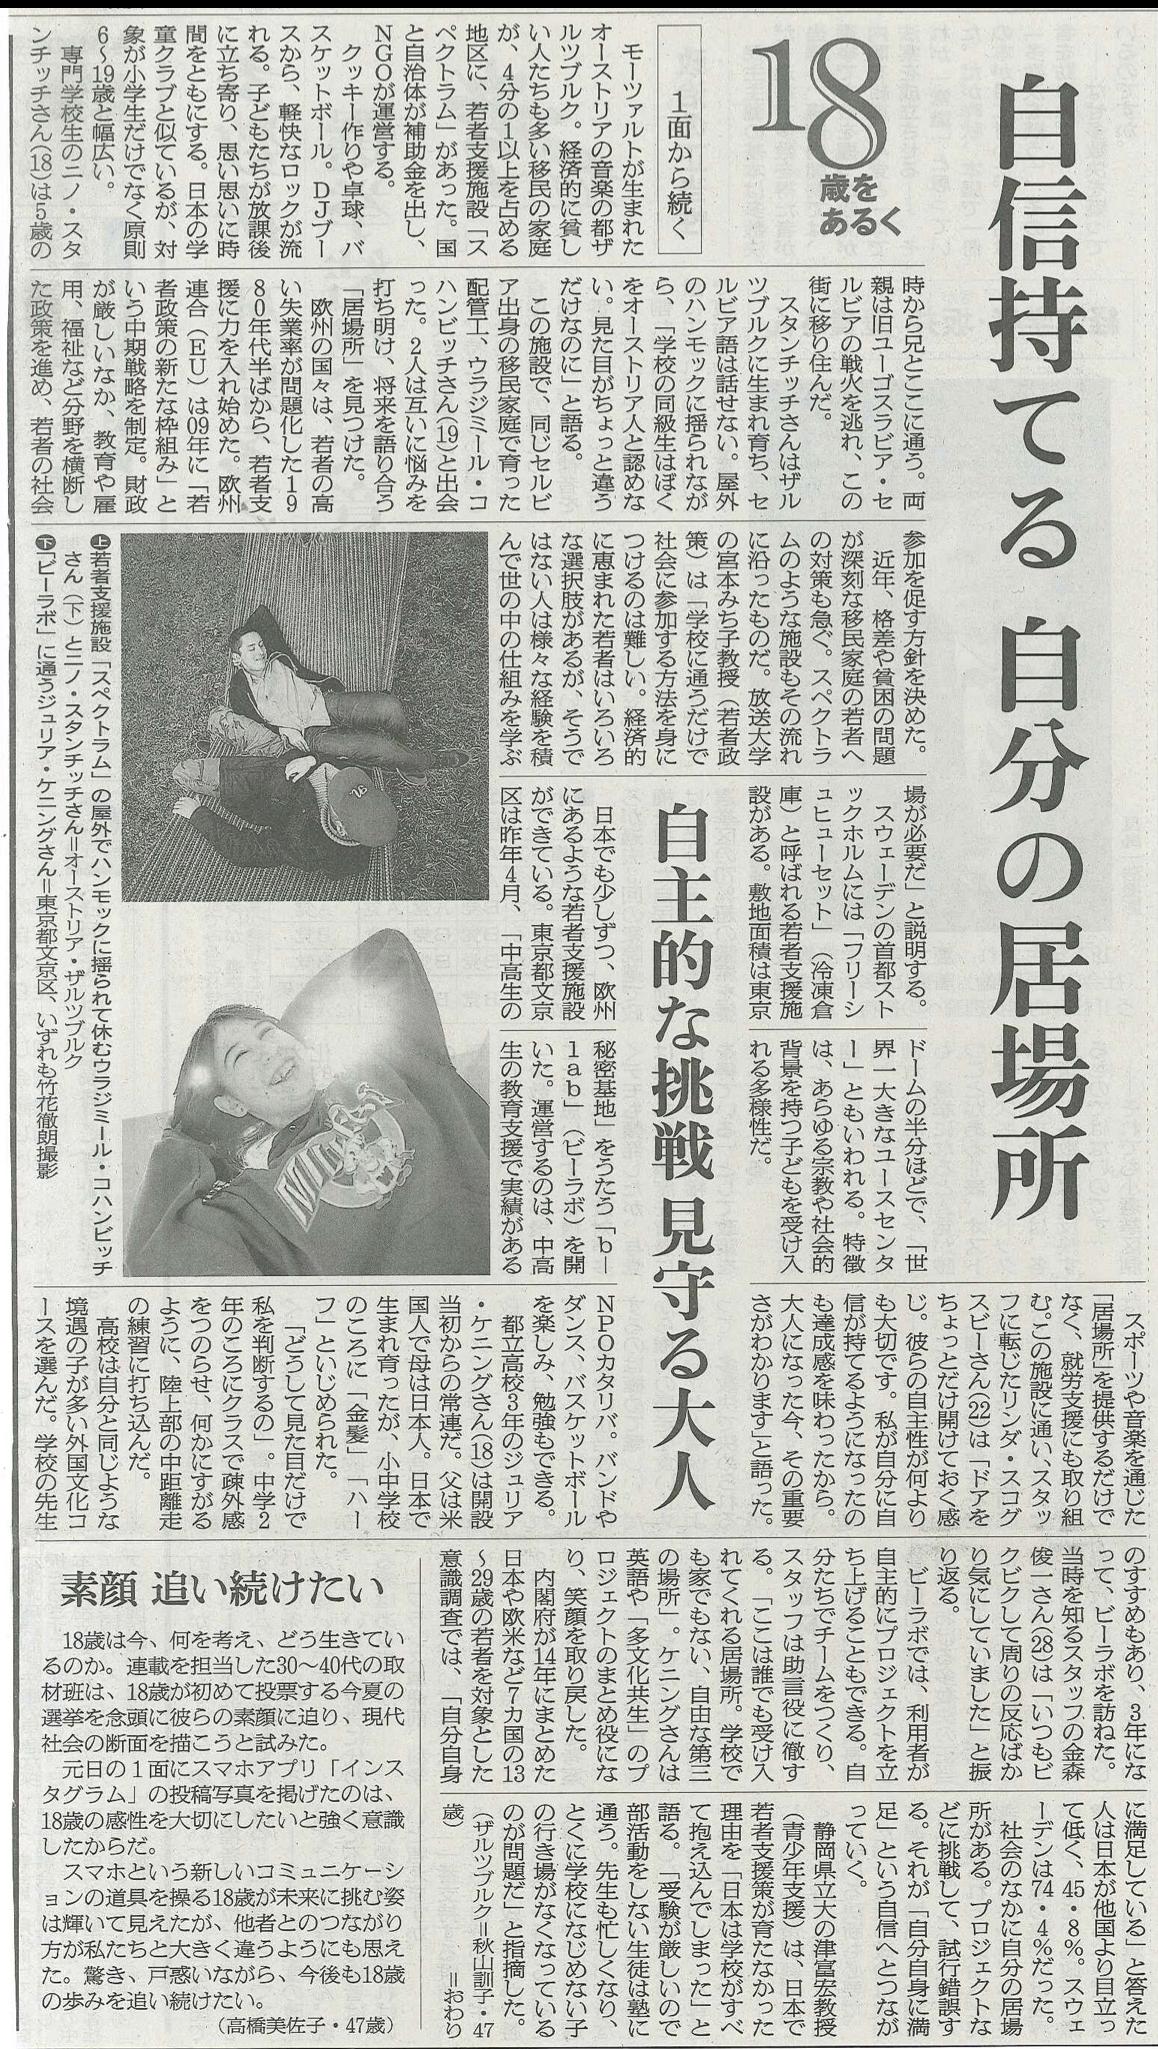 16-01-09 朝日新聞